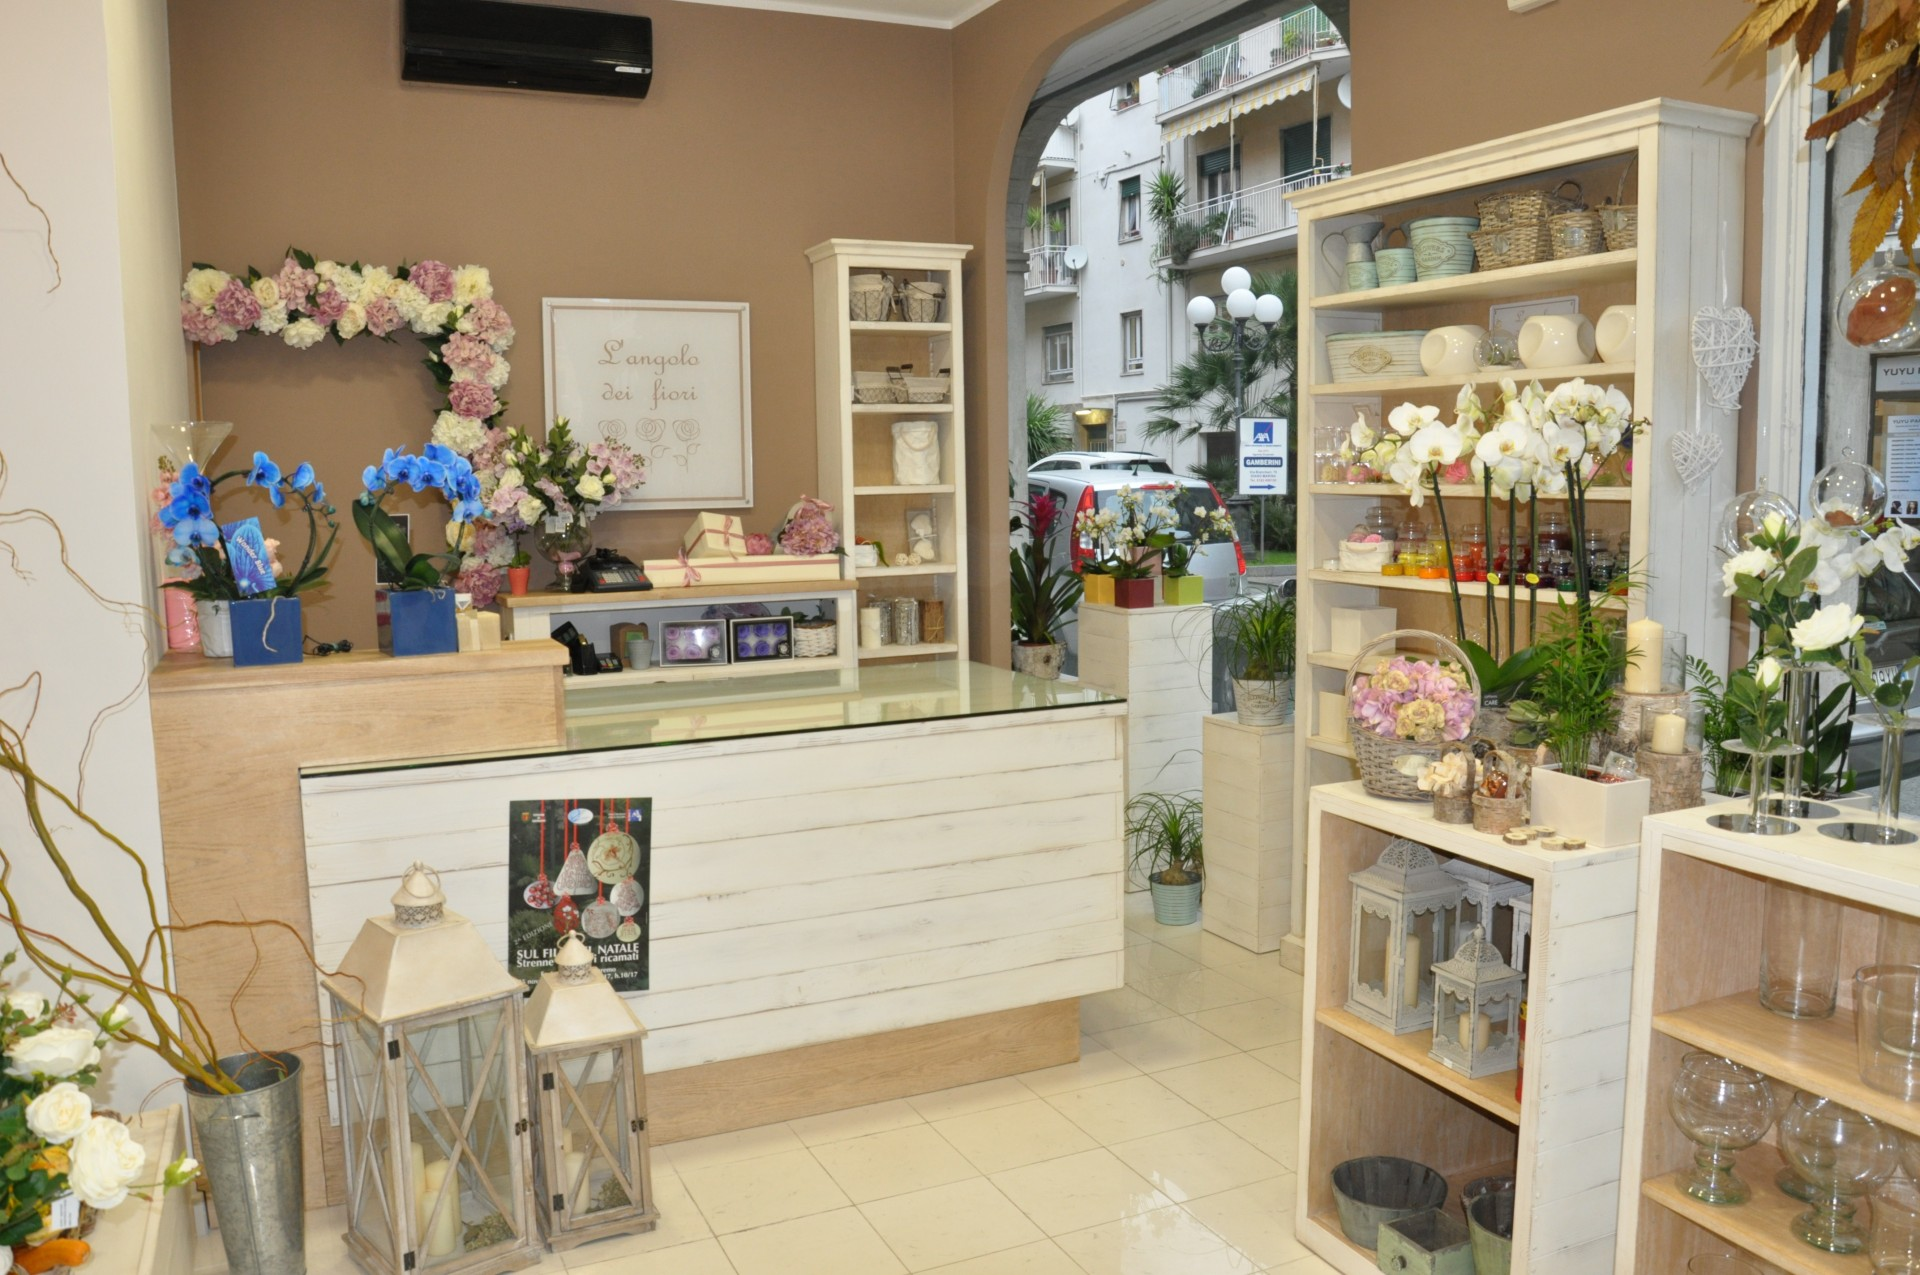 Arredamento in legno per negozio di fiori fadini mobili for Negozi arredamento verona